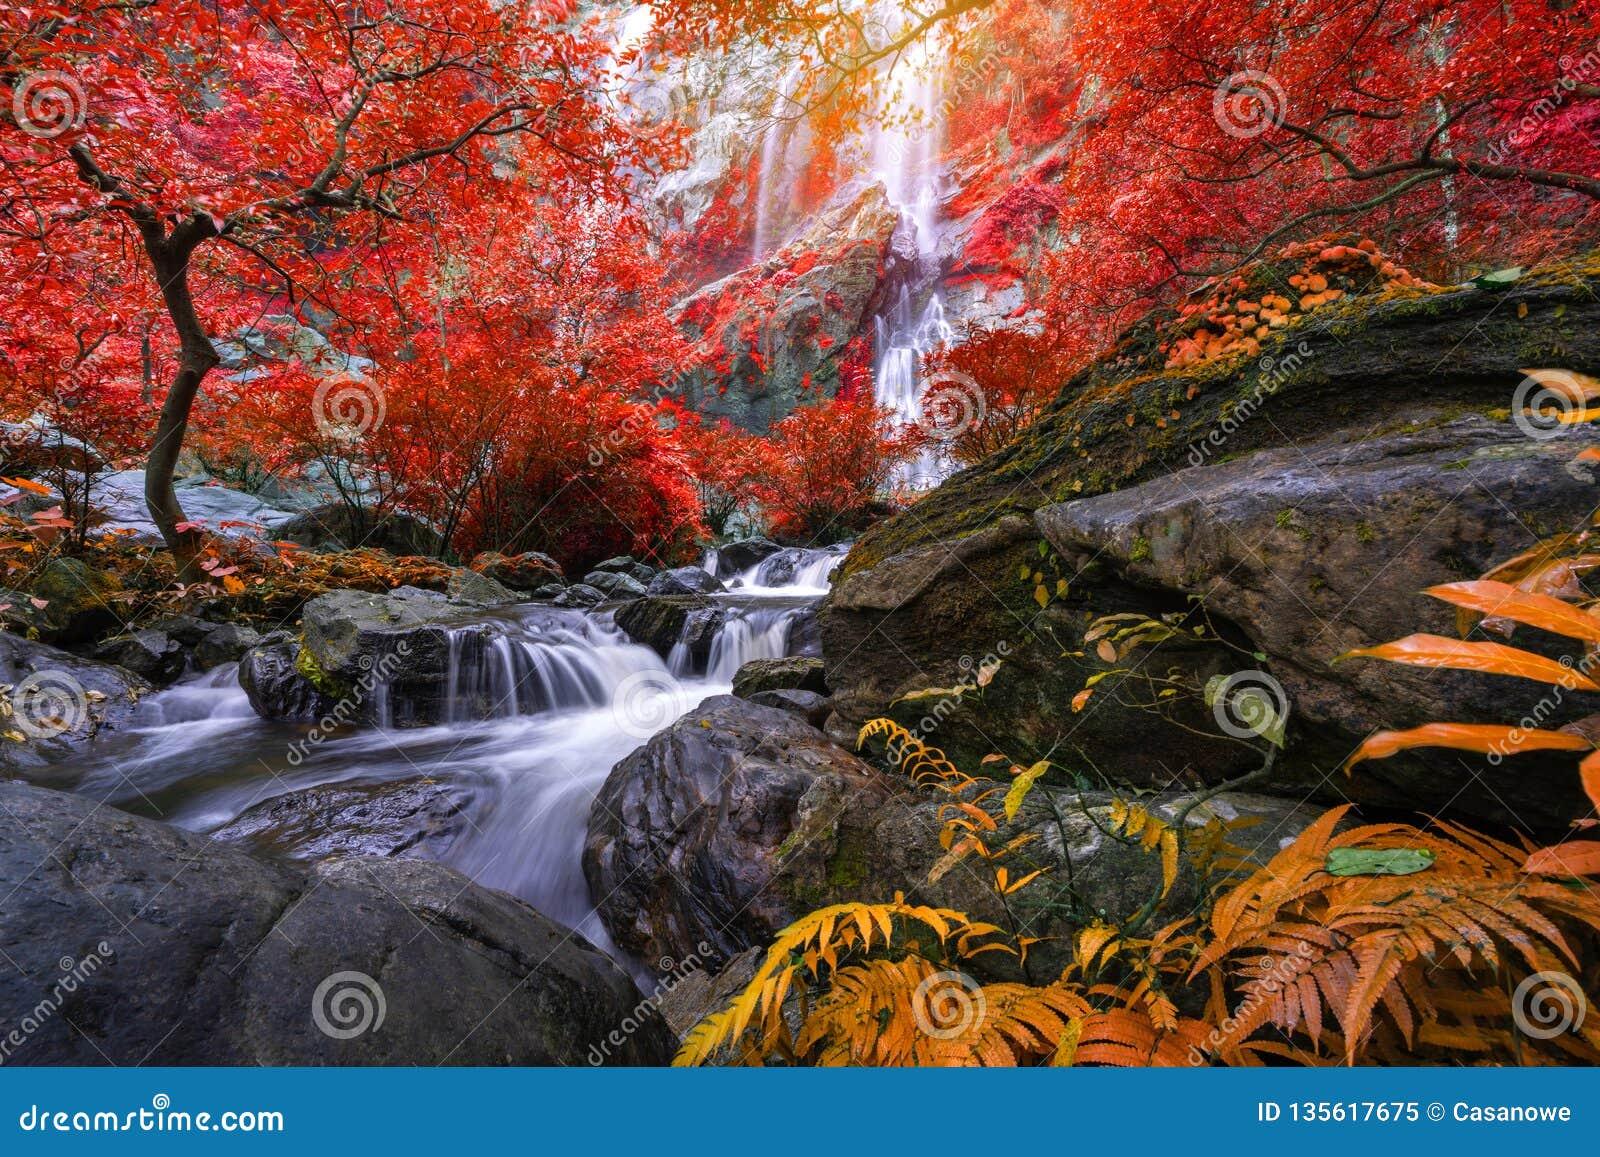 Водопад Lan Khlong красивые водопады в джунглях Таиланде дождевого леса